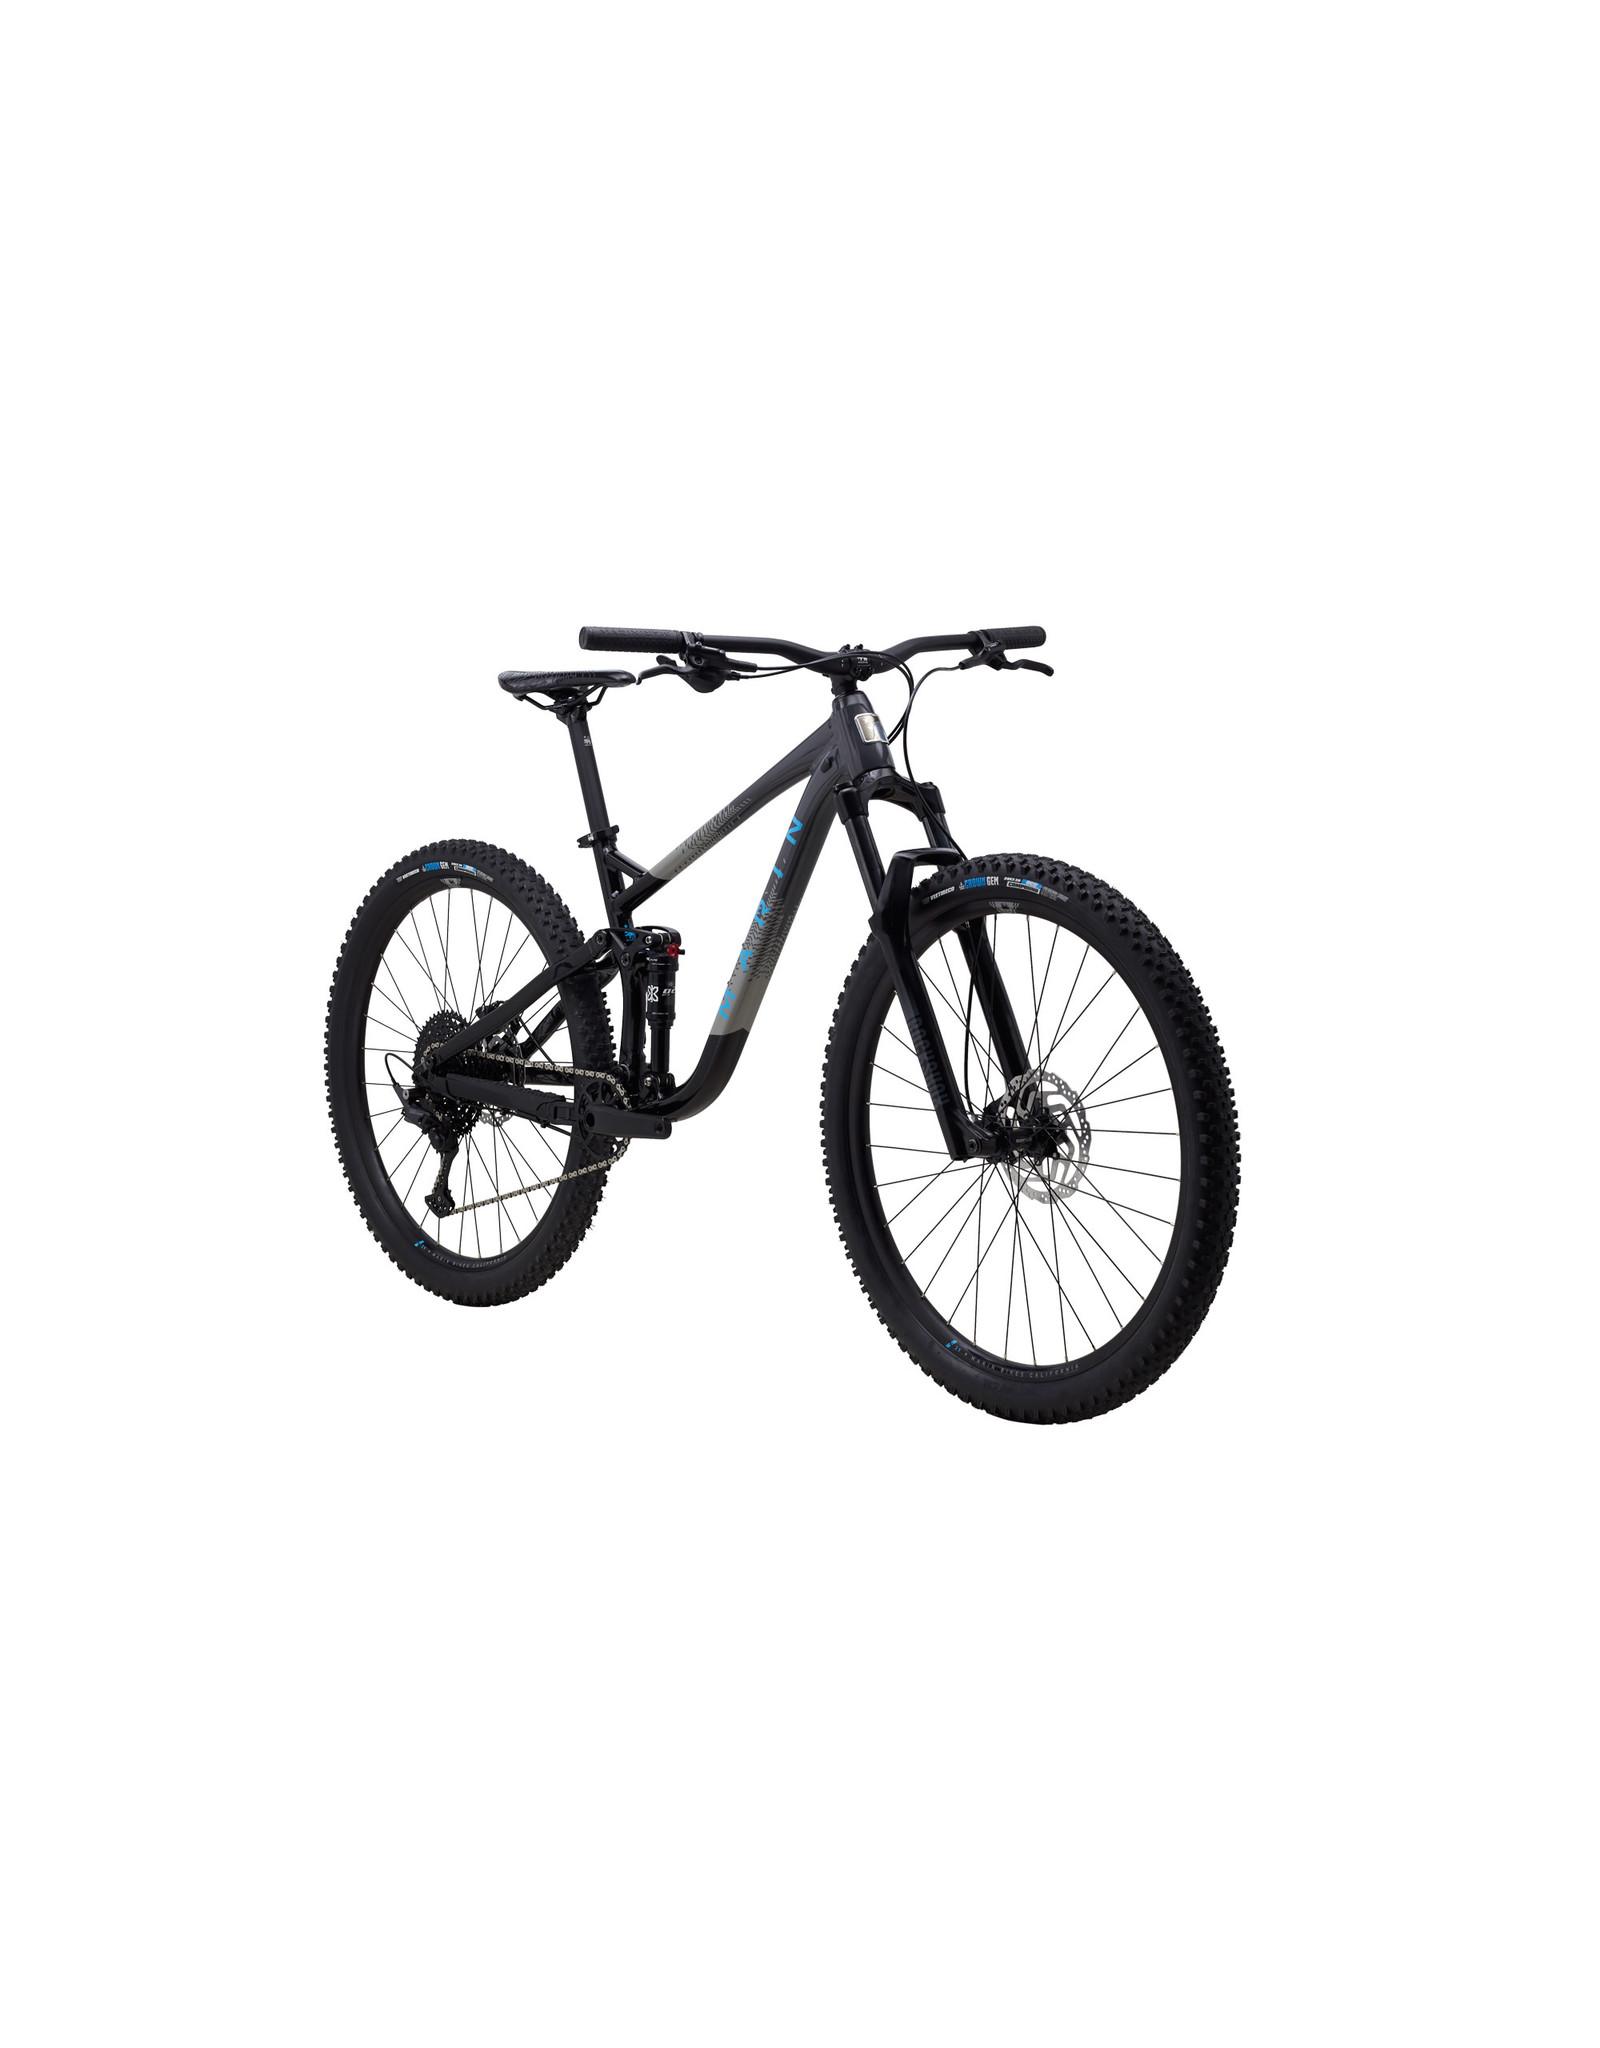 Marin Bikes 2022 Marin Rift Zone 29 1